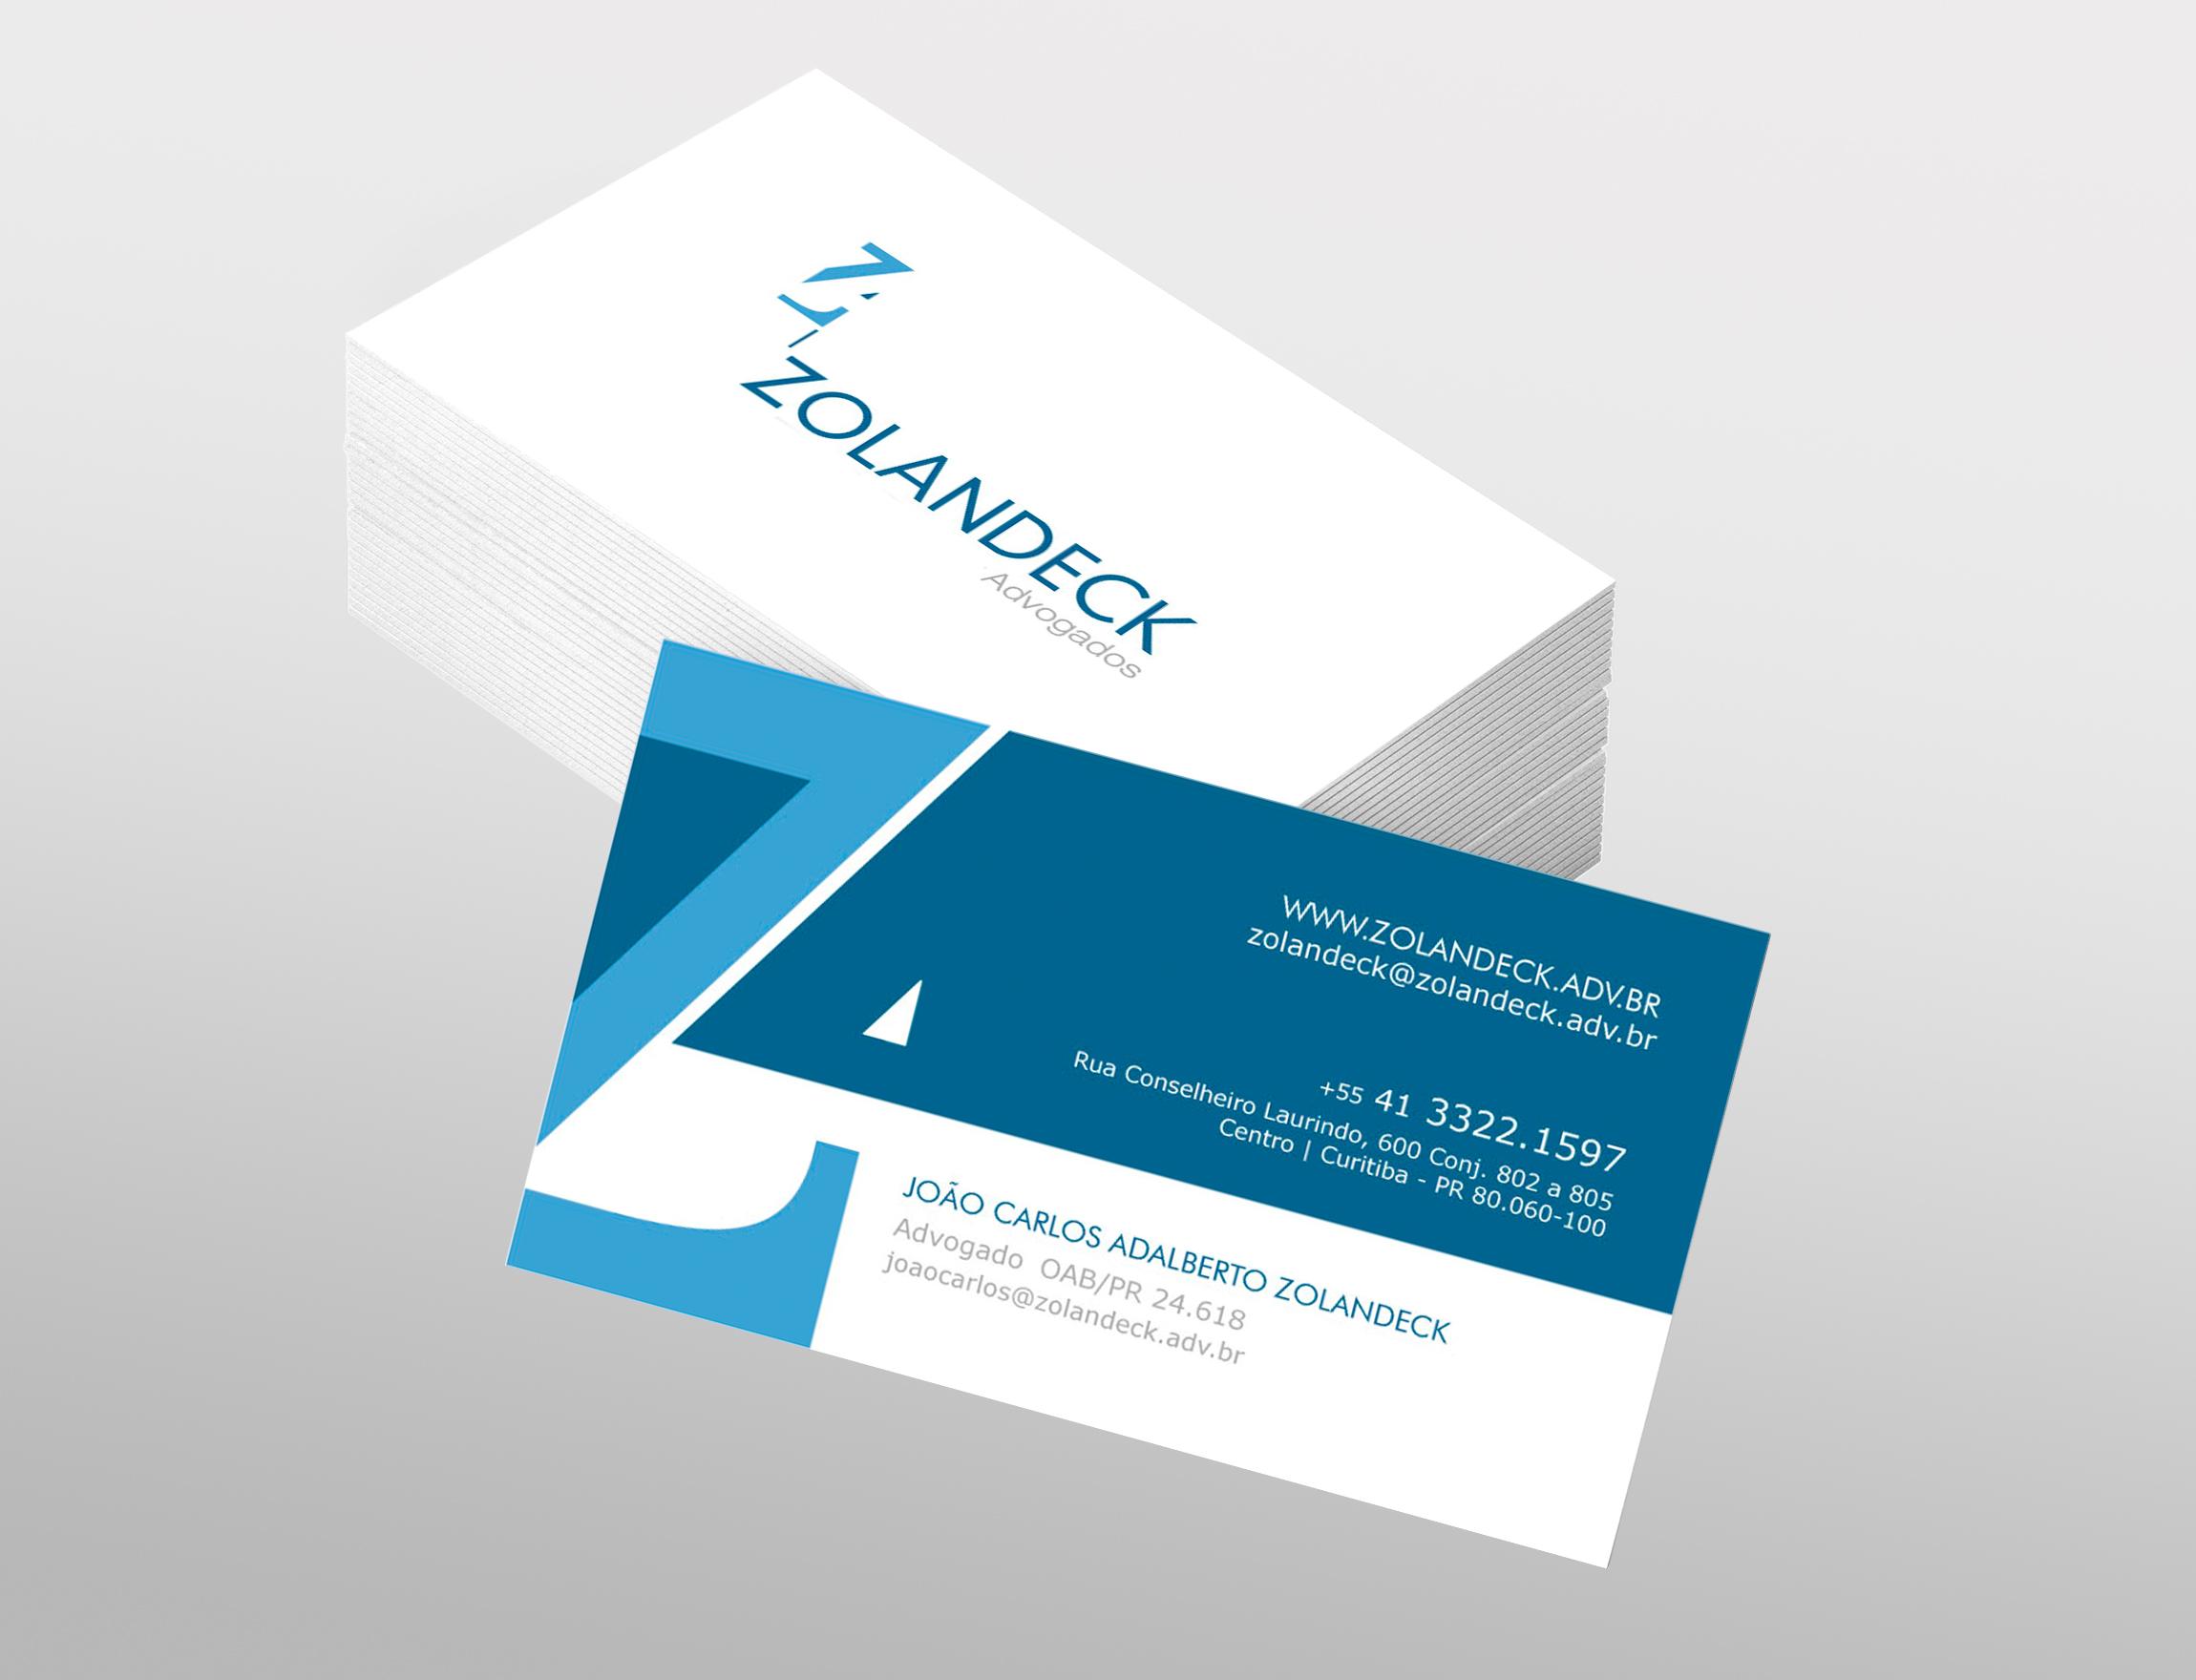 Cartão de Visita da Zolandeck desenvolvido pela ElevaBD